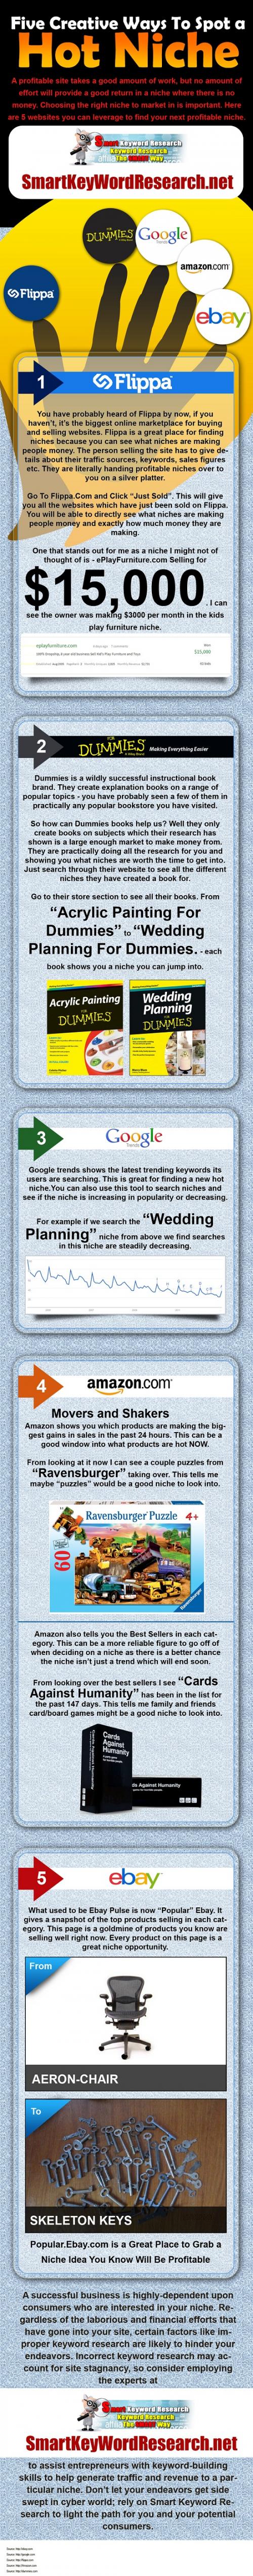 Smartkeywordresearch.net'